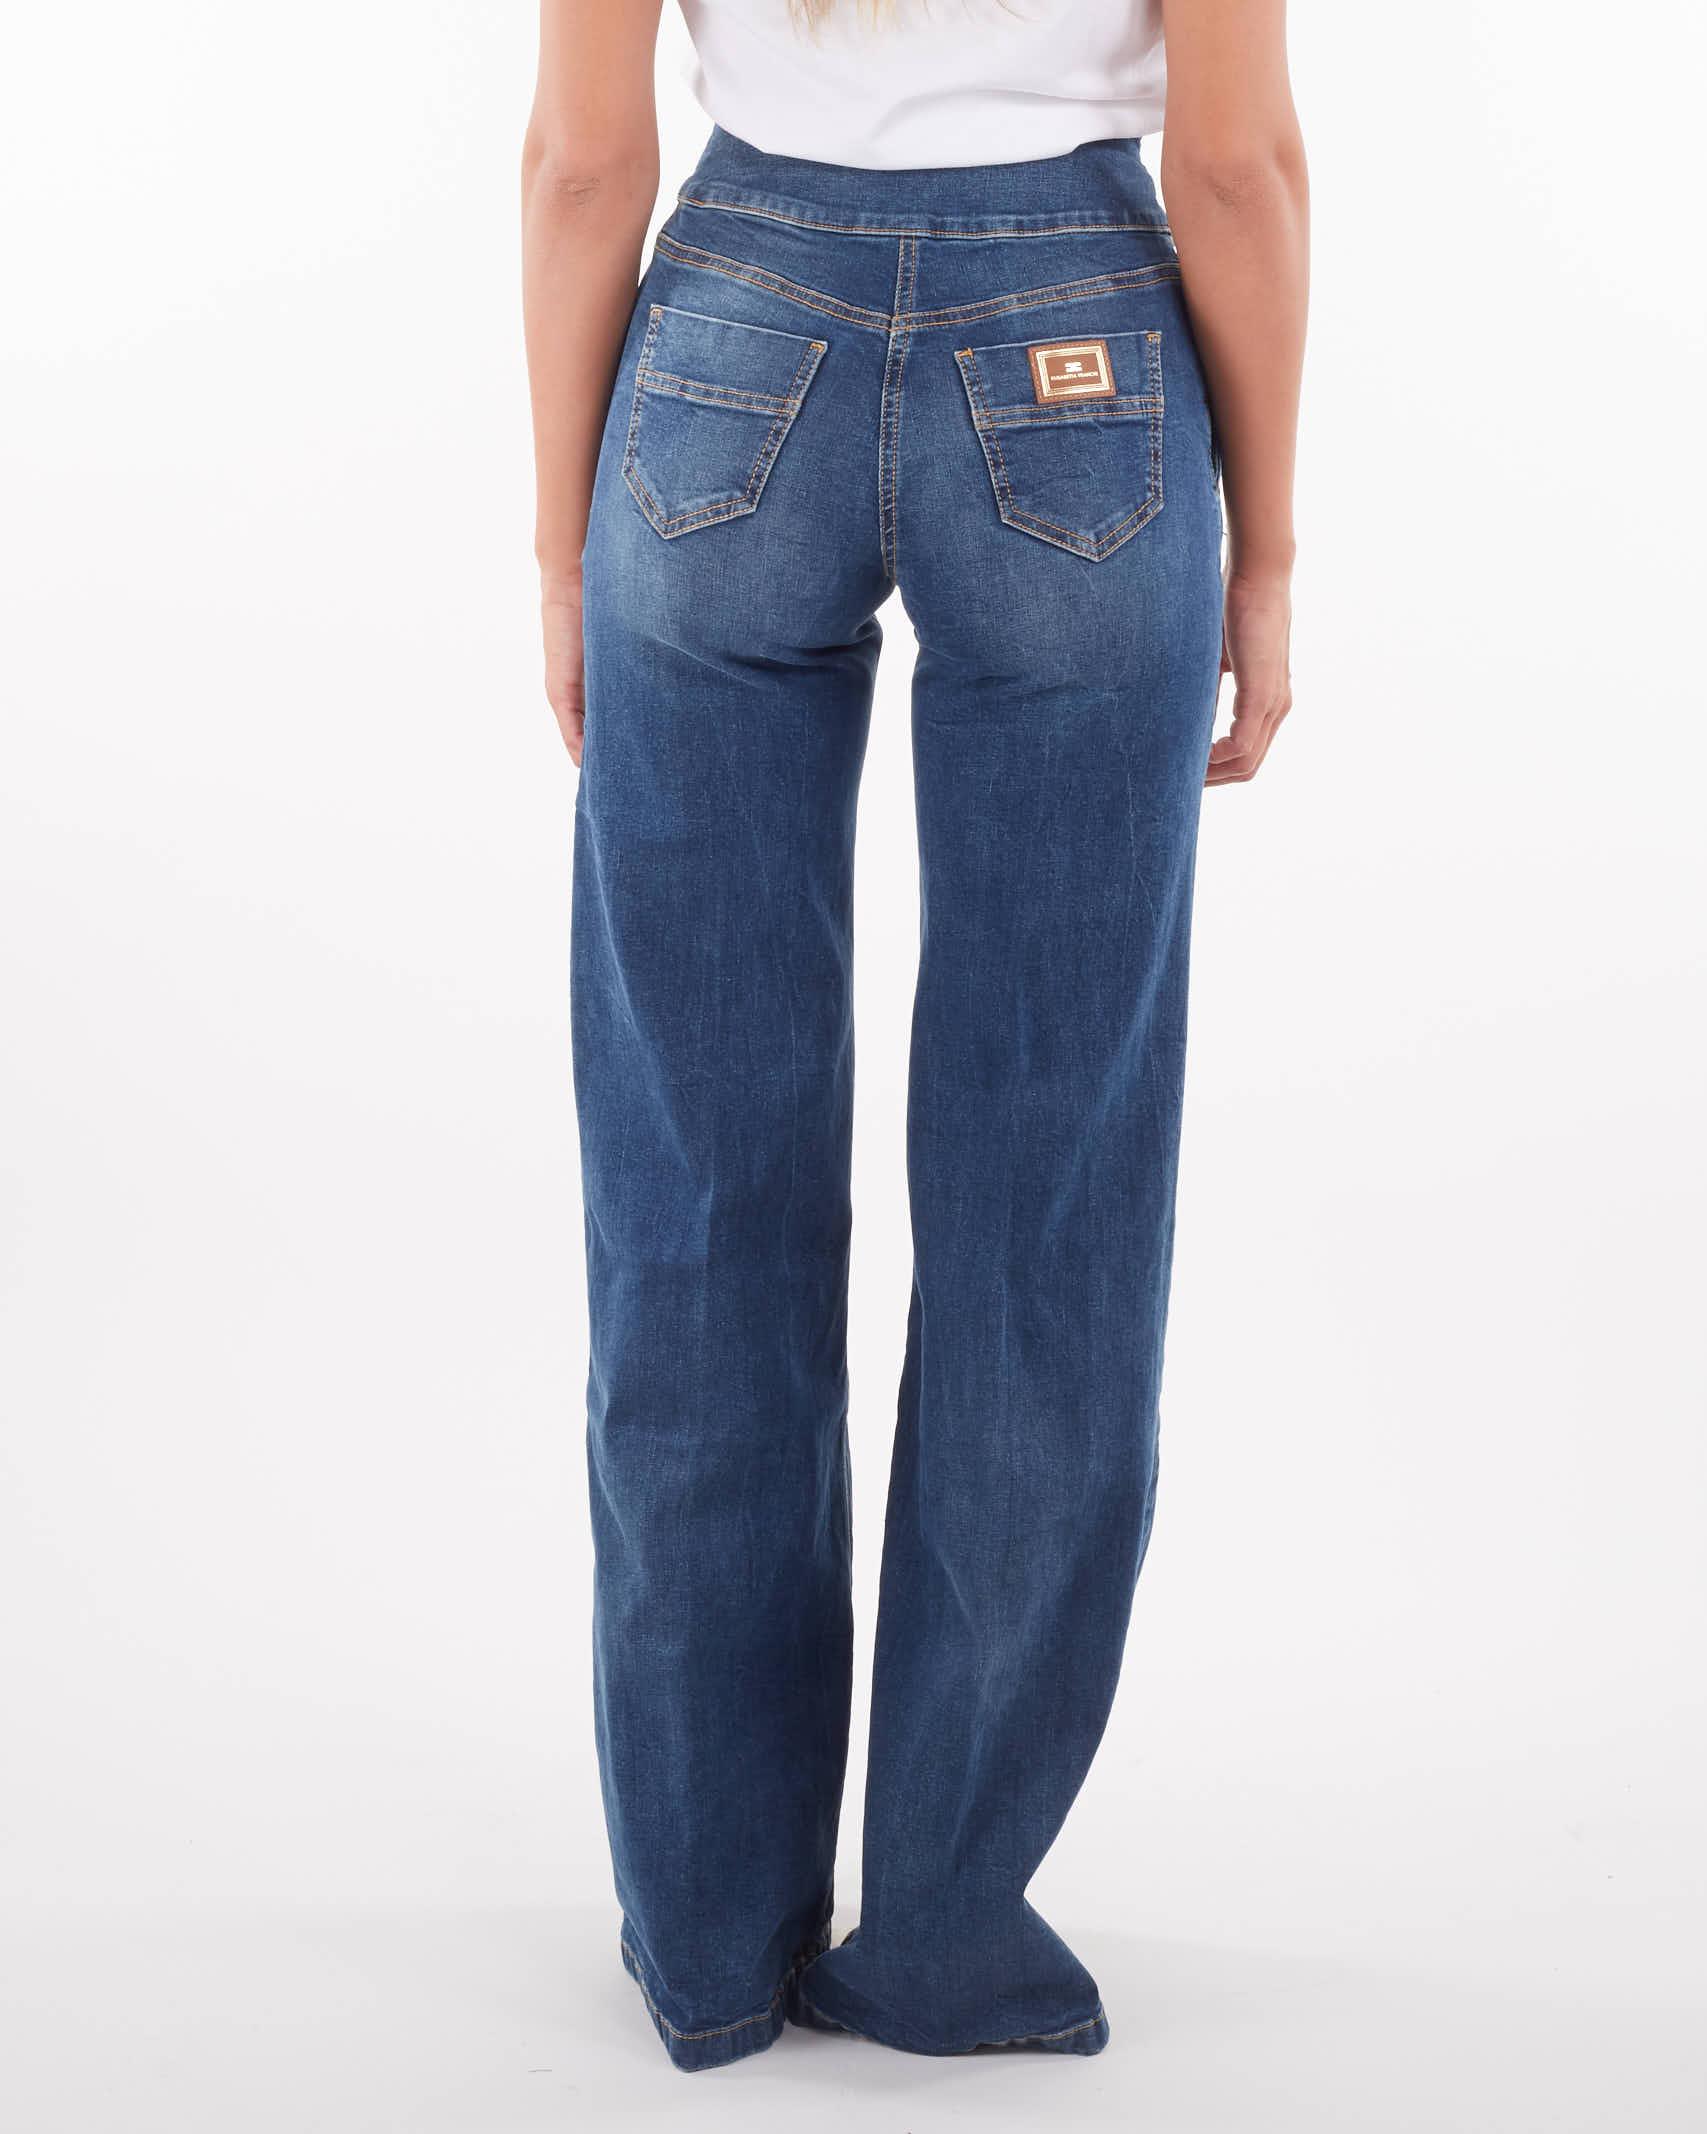 Jeans a vita alta con bottoni dorati Elisabetta Franchi ELISABETTA FRANCHI   Jeans   PJ14D16E2139